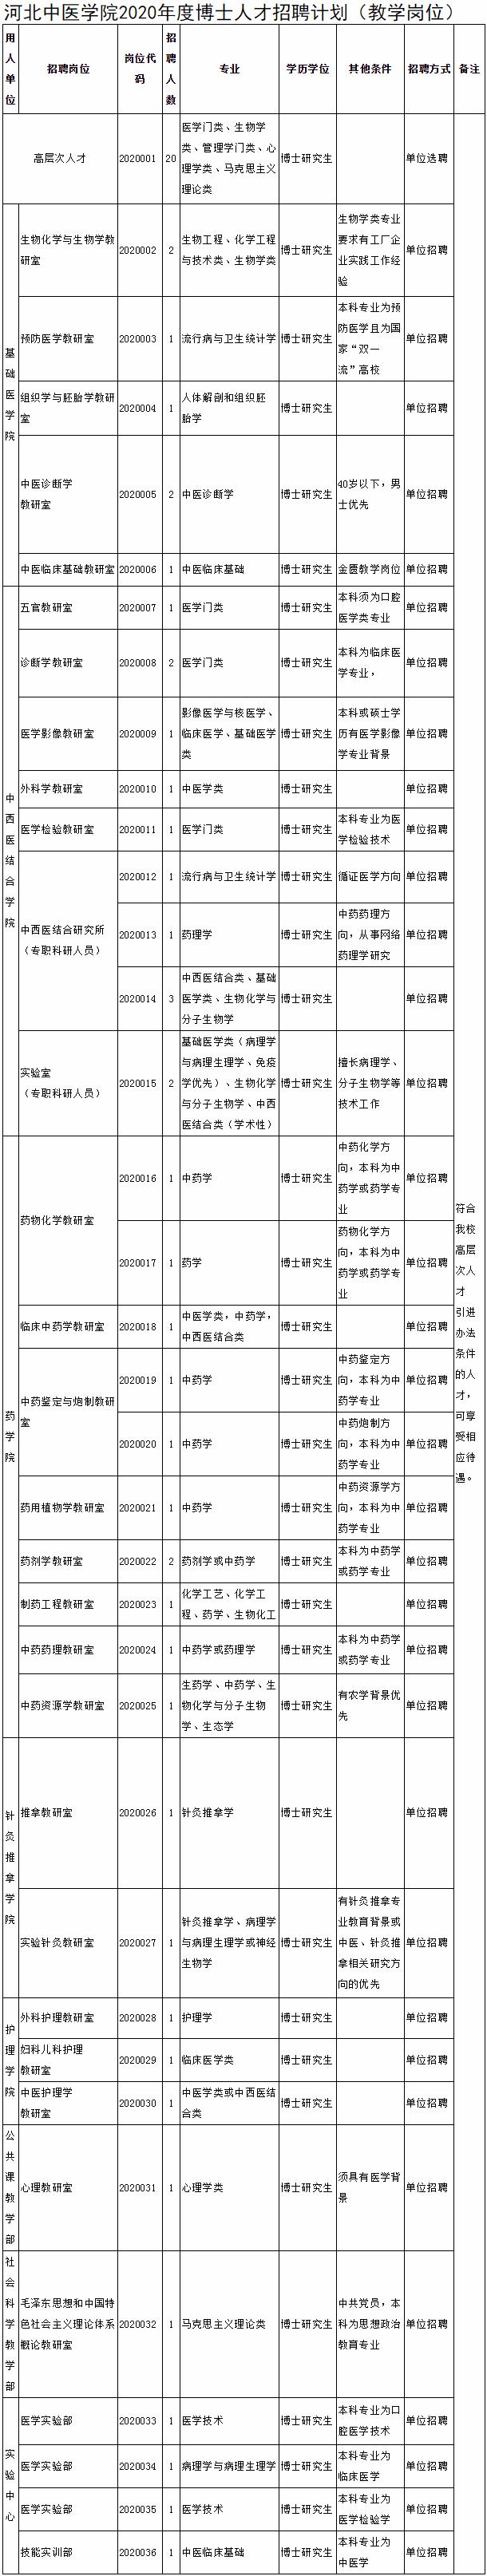 2020年河北中医学院诚聘海内外英才公告(教学岗位)(图1)